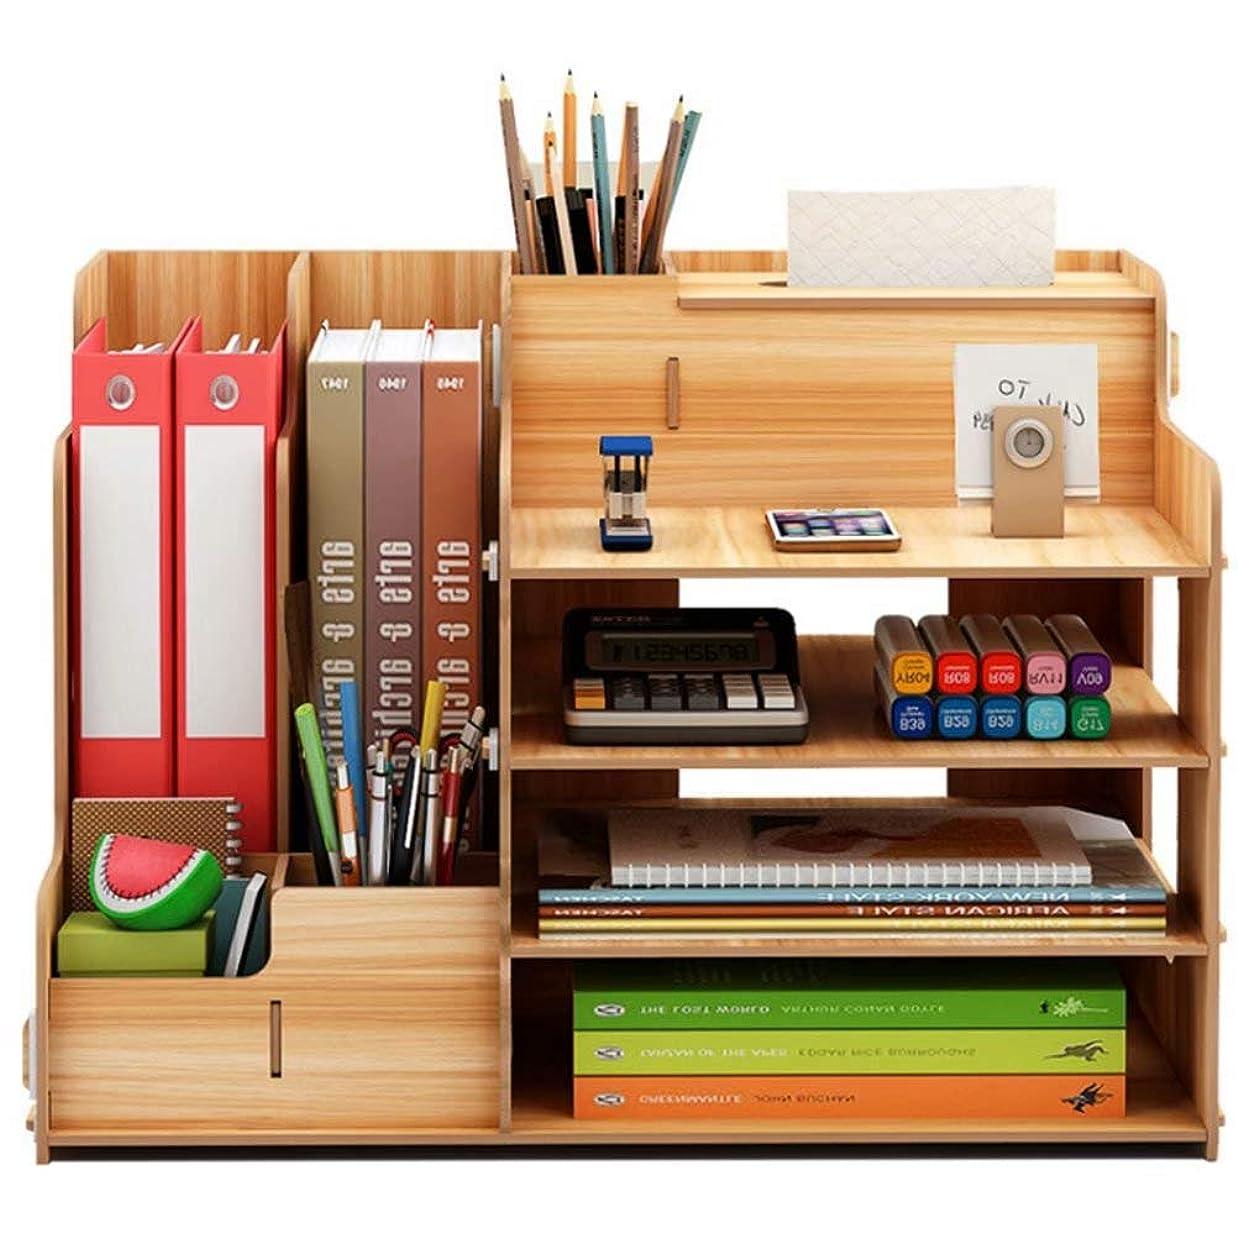 たらいブローホール穴卓上収納ケース オフィス収納 机上収納ボックス 本立て 小物入れ 卓上収納 仕切り デスク上置き棚 大容量 書類整理 机上用品 ブラウン